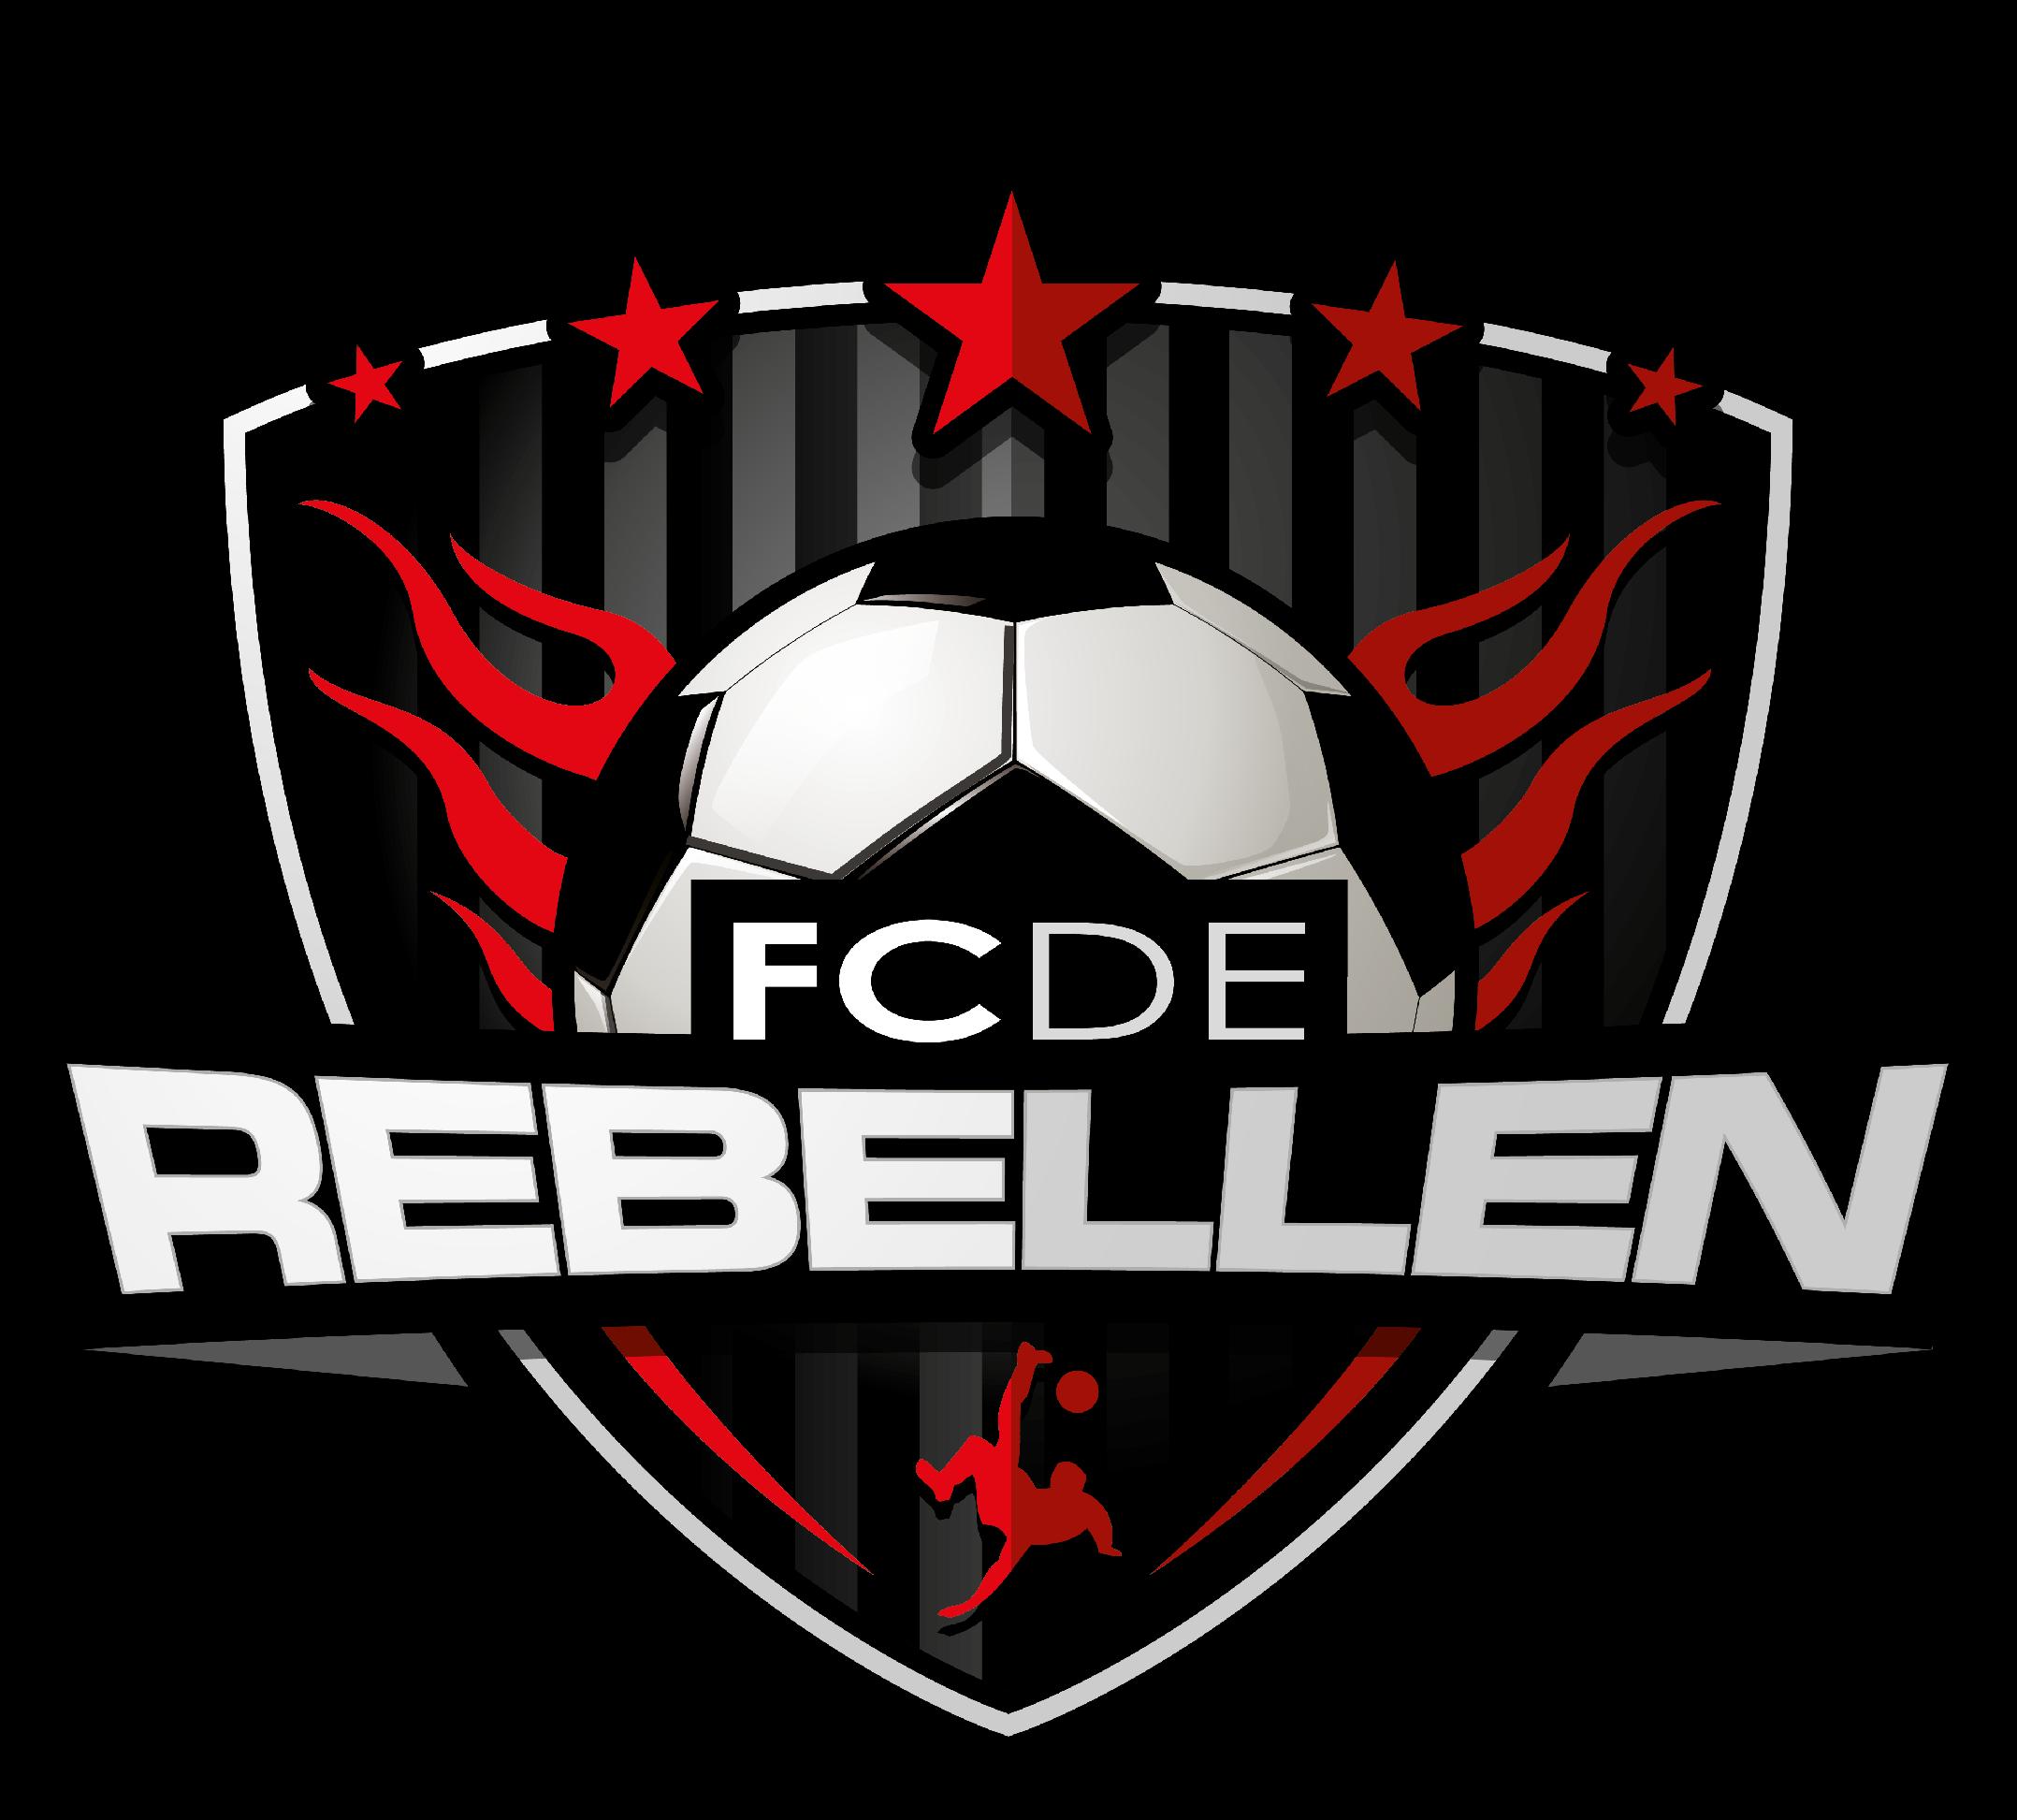 Aankondiging jubileumweekend: Wedstrijd regen FC de Rebellen!